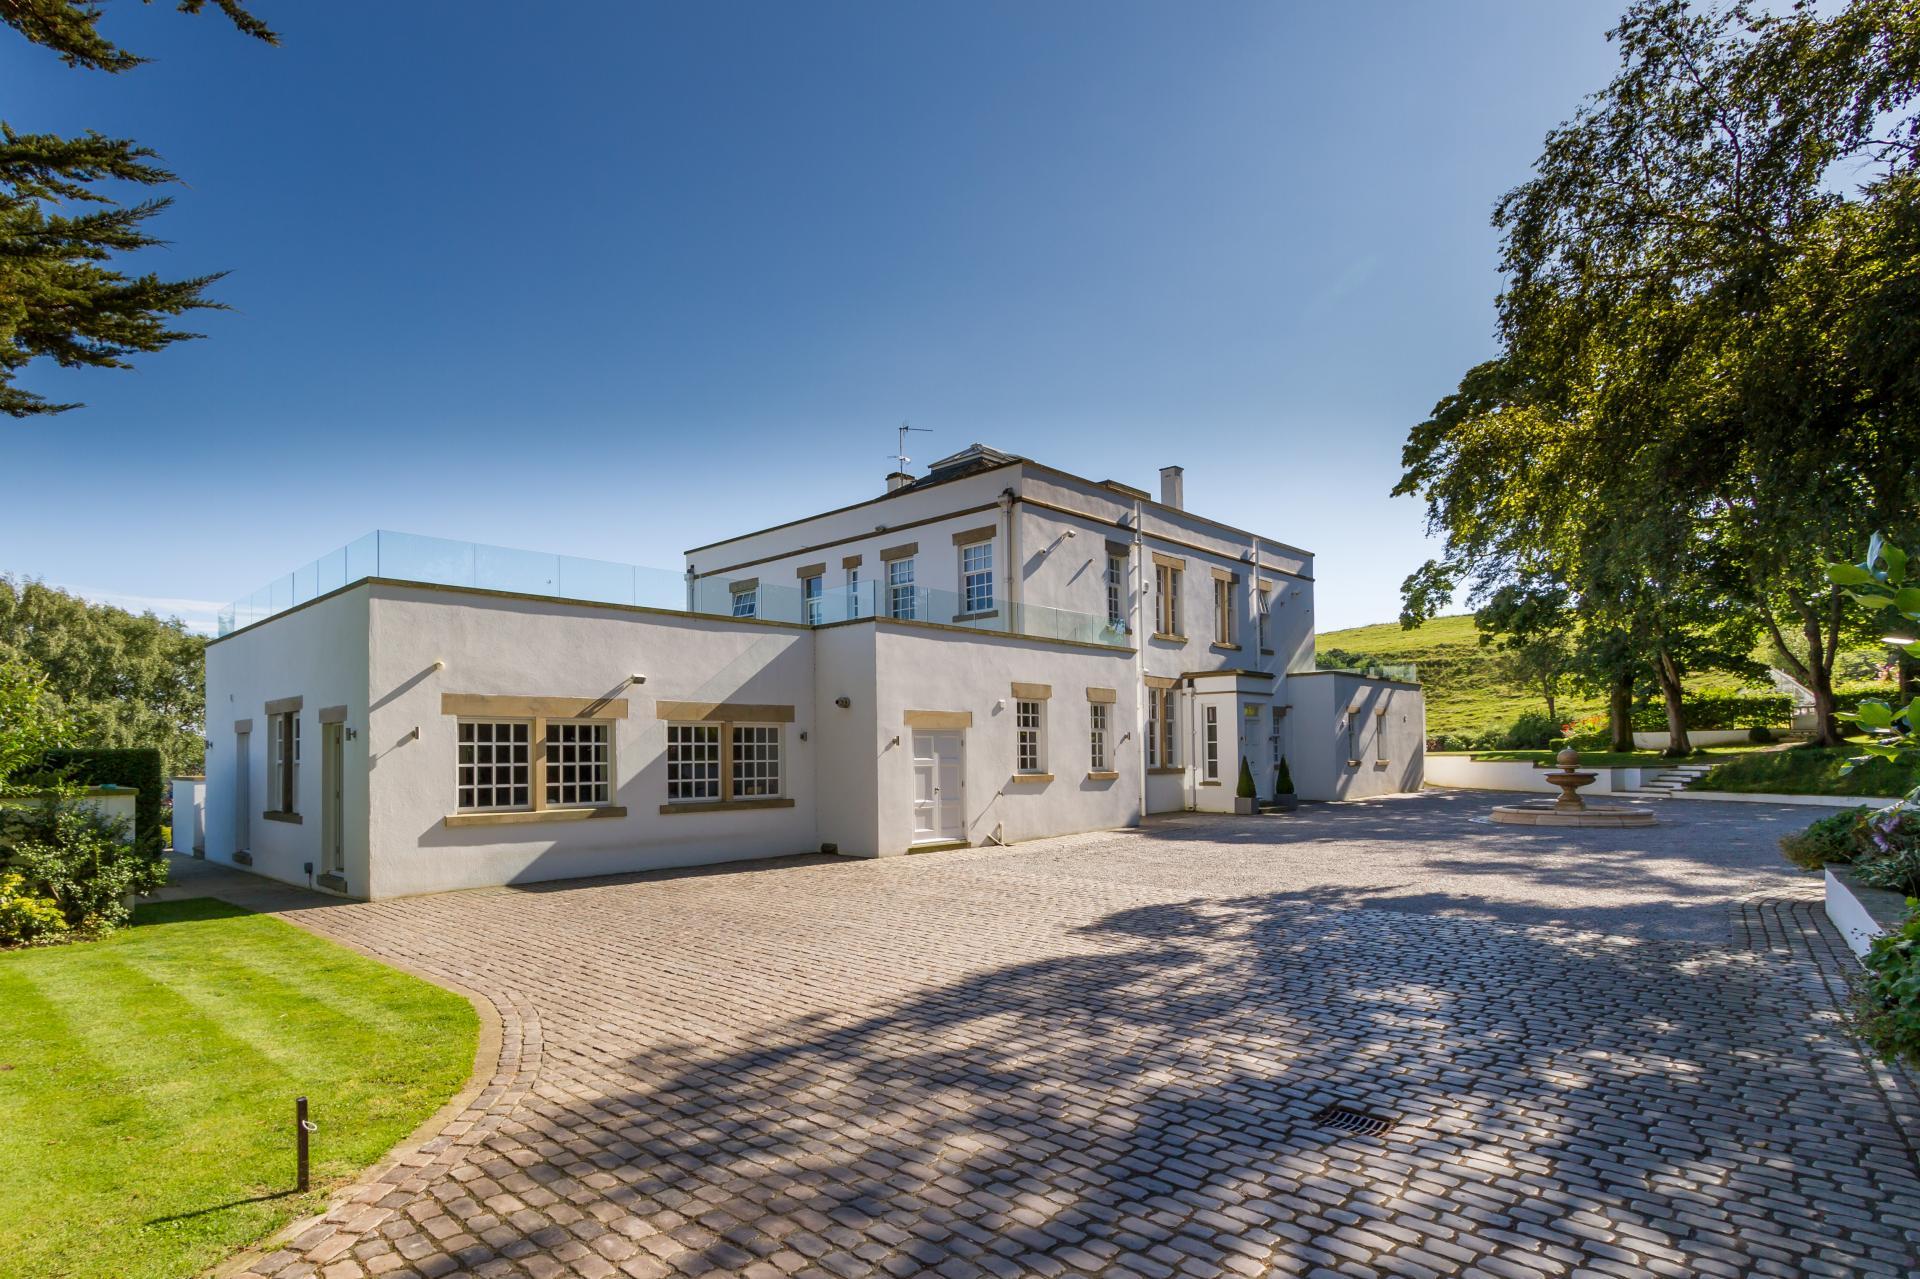 7 Bedroom Detached House For Sale In Halton Lancaster